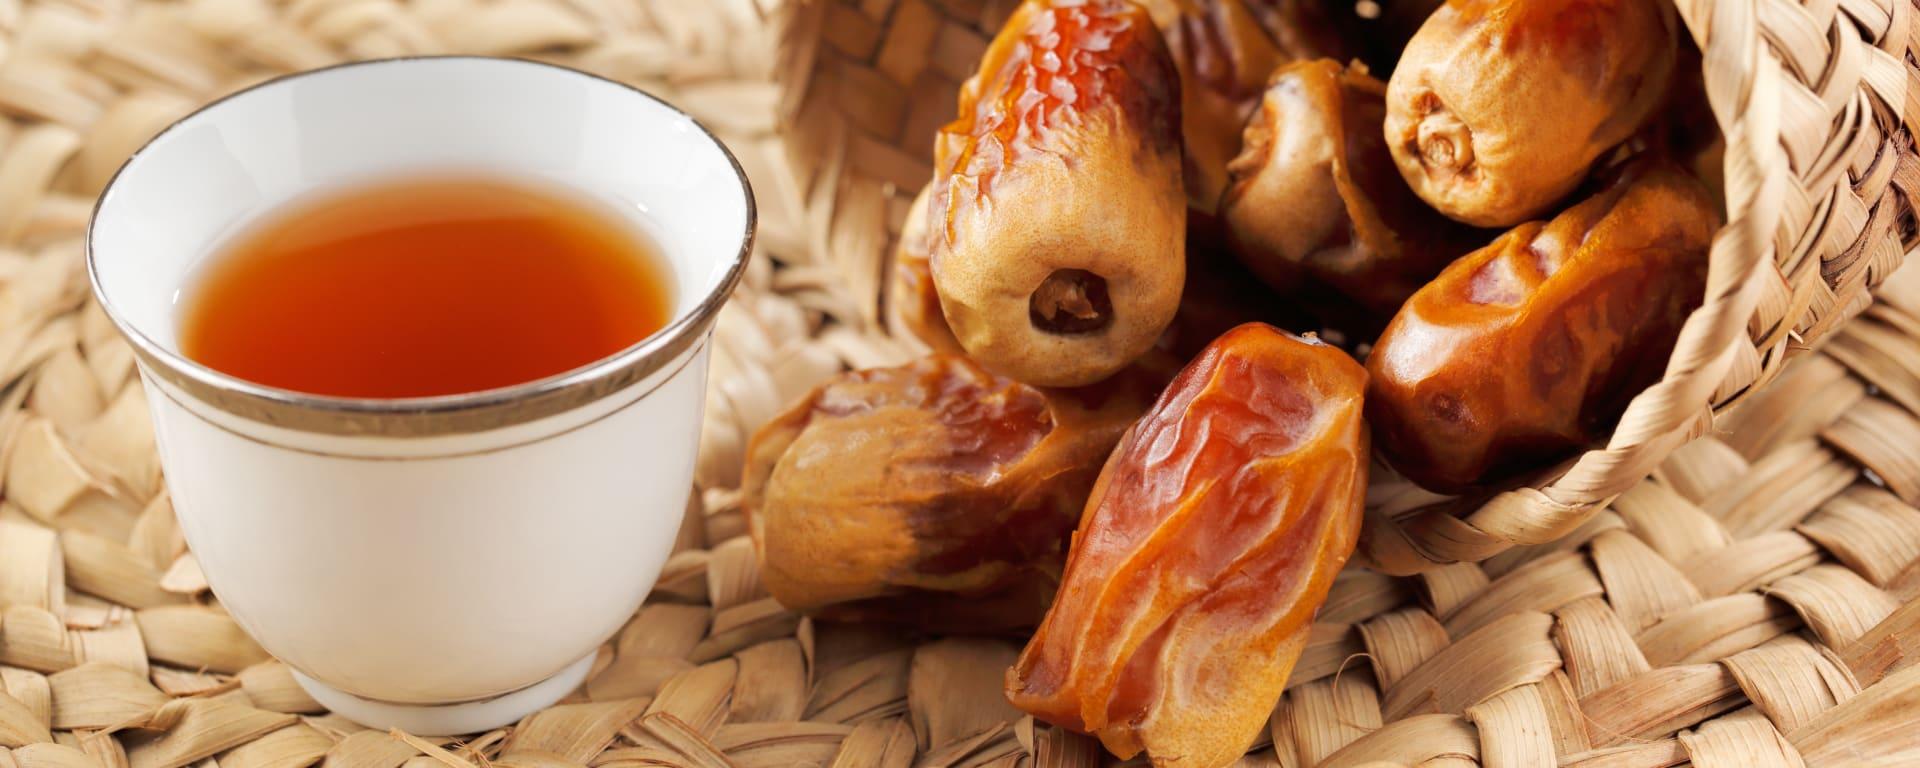 Oman entdecken mit Tischler Reisen: Oman Datteln und Tee